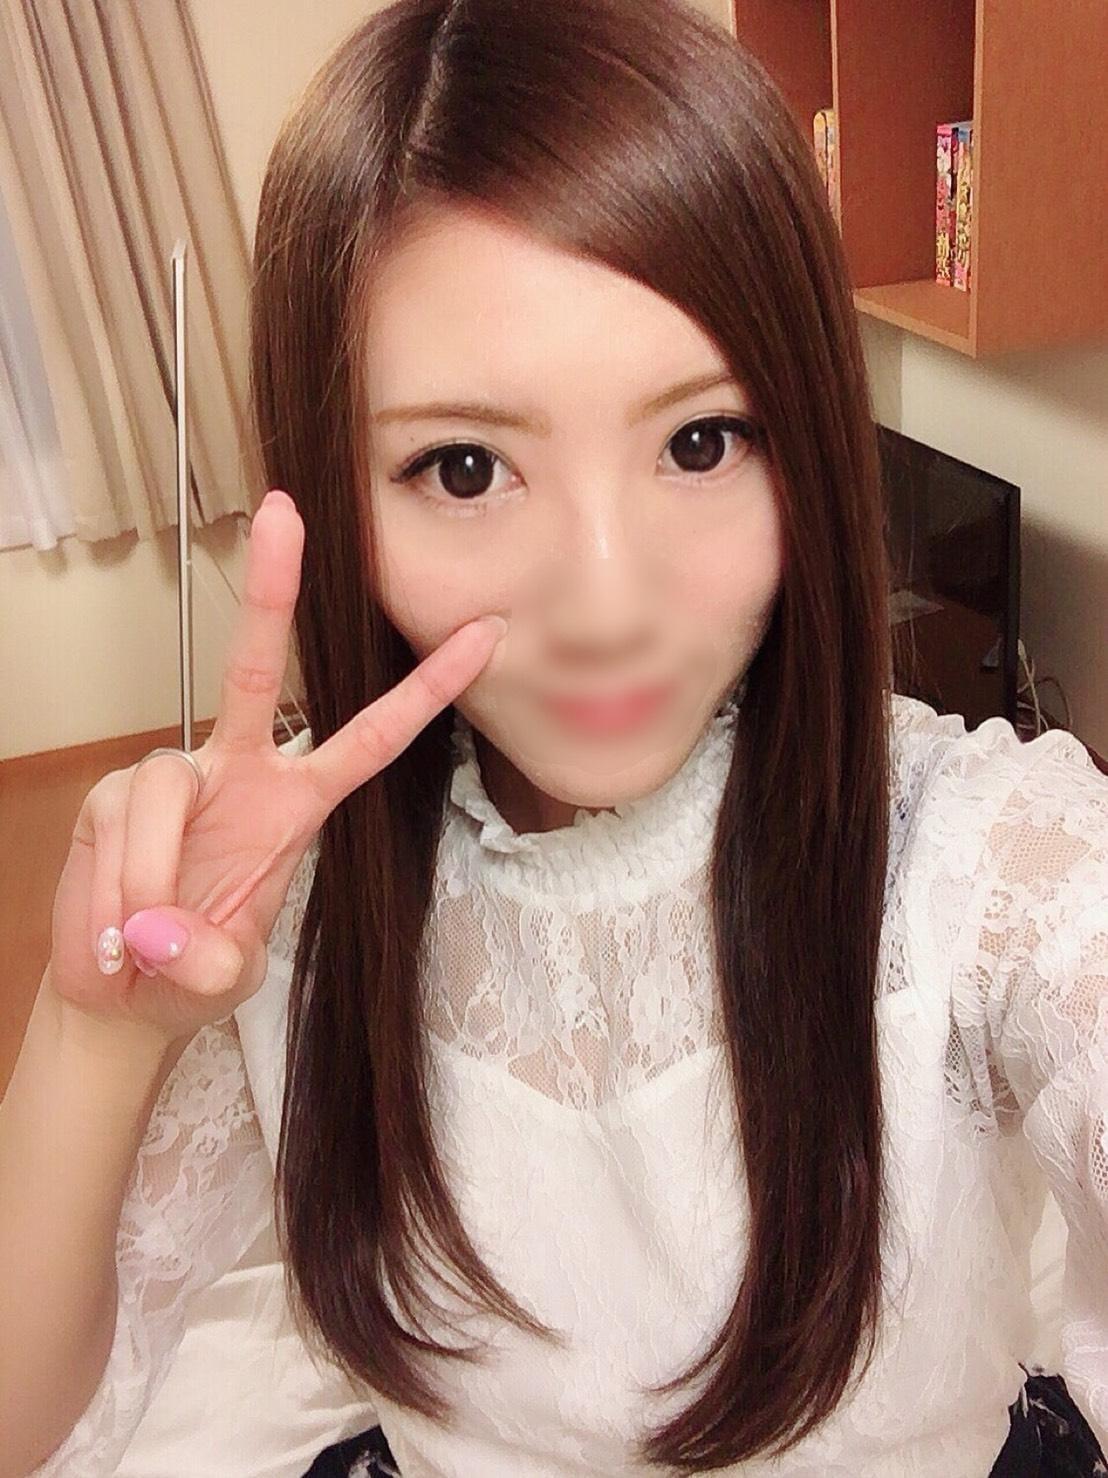 神楽 さおり「お礼?」08/17(金) 20:46   神楽 さおりの写メ・風俗動画